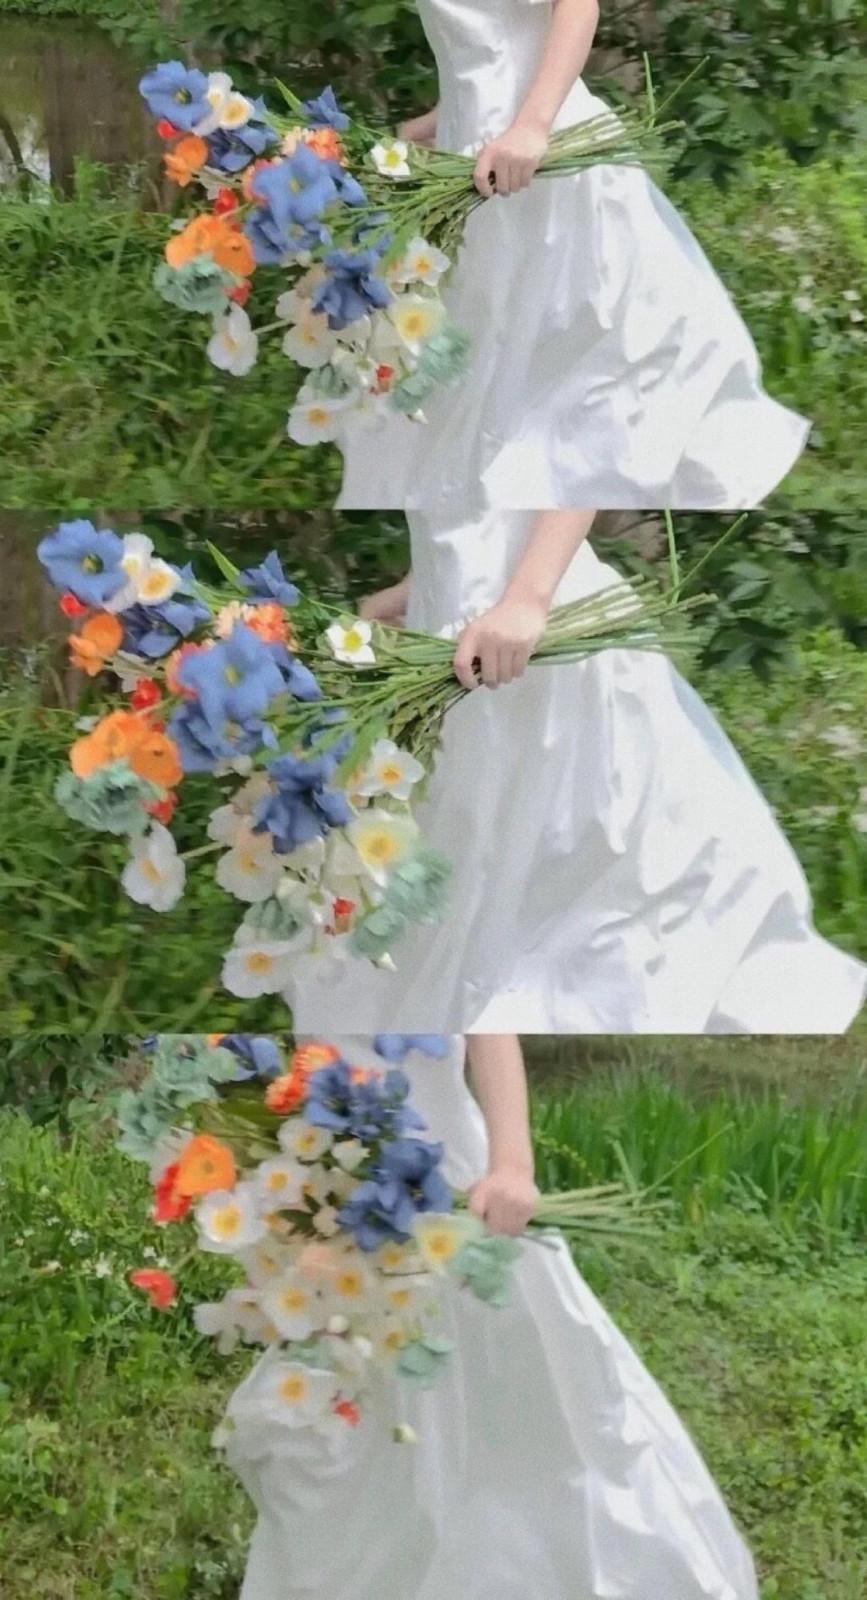 适合做壁纸的图片|生活的浪漫可以从鲜花开始